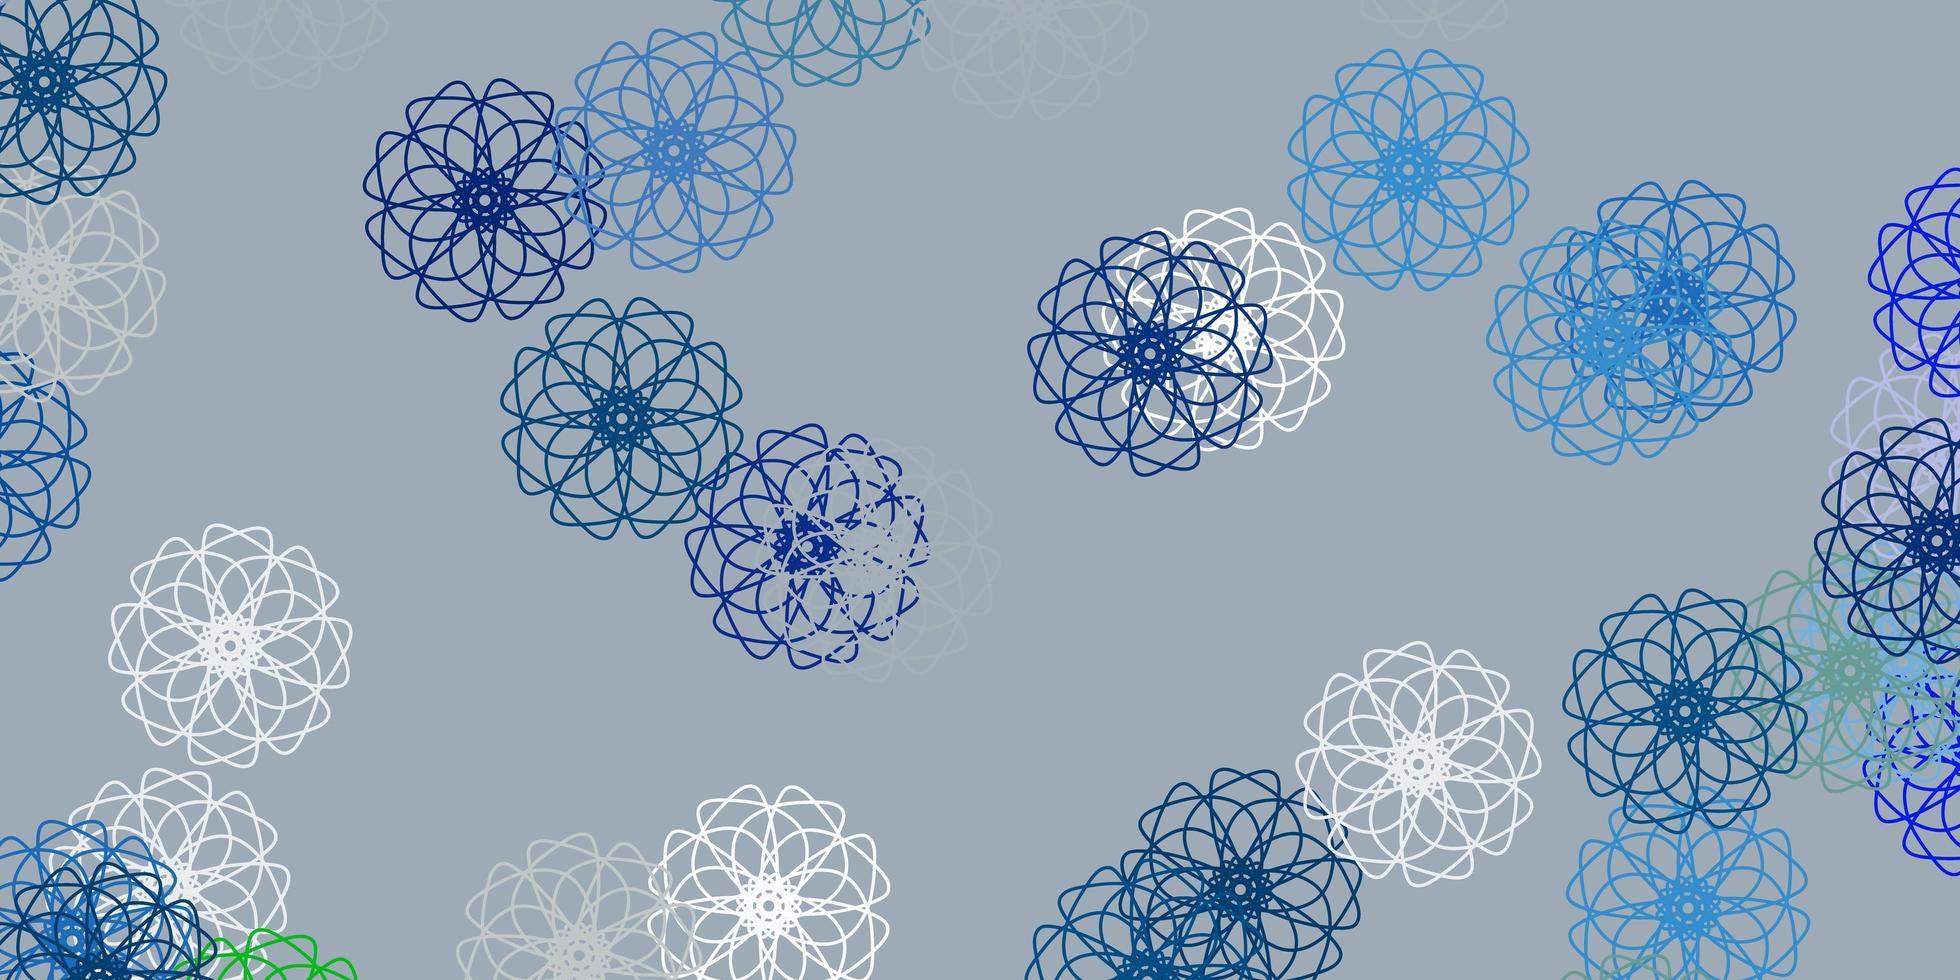 ljusblå, grön vektor doodle textur med blommor.